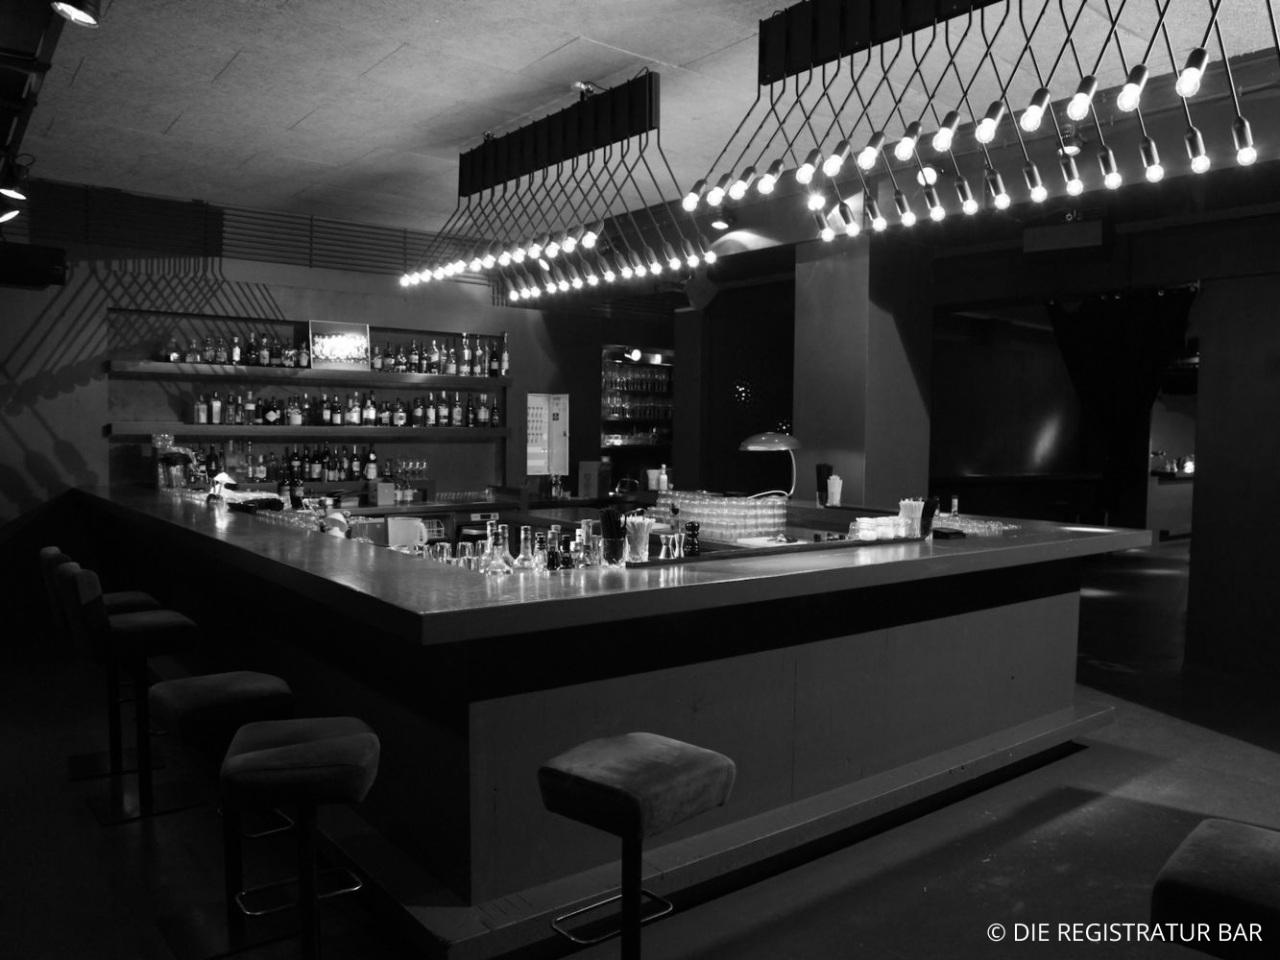 Die Registratur Bar   kollekkt